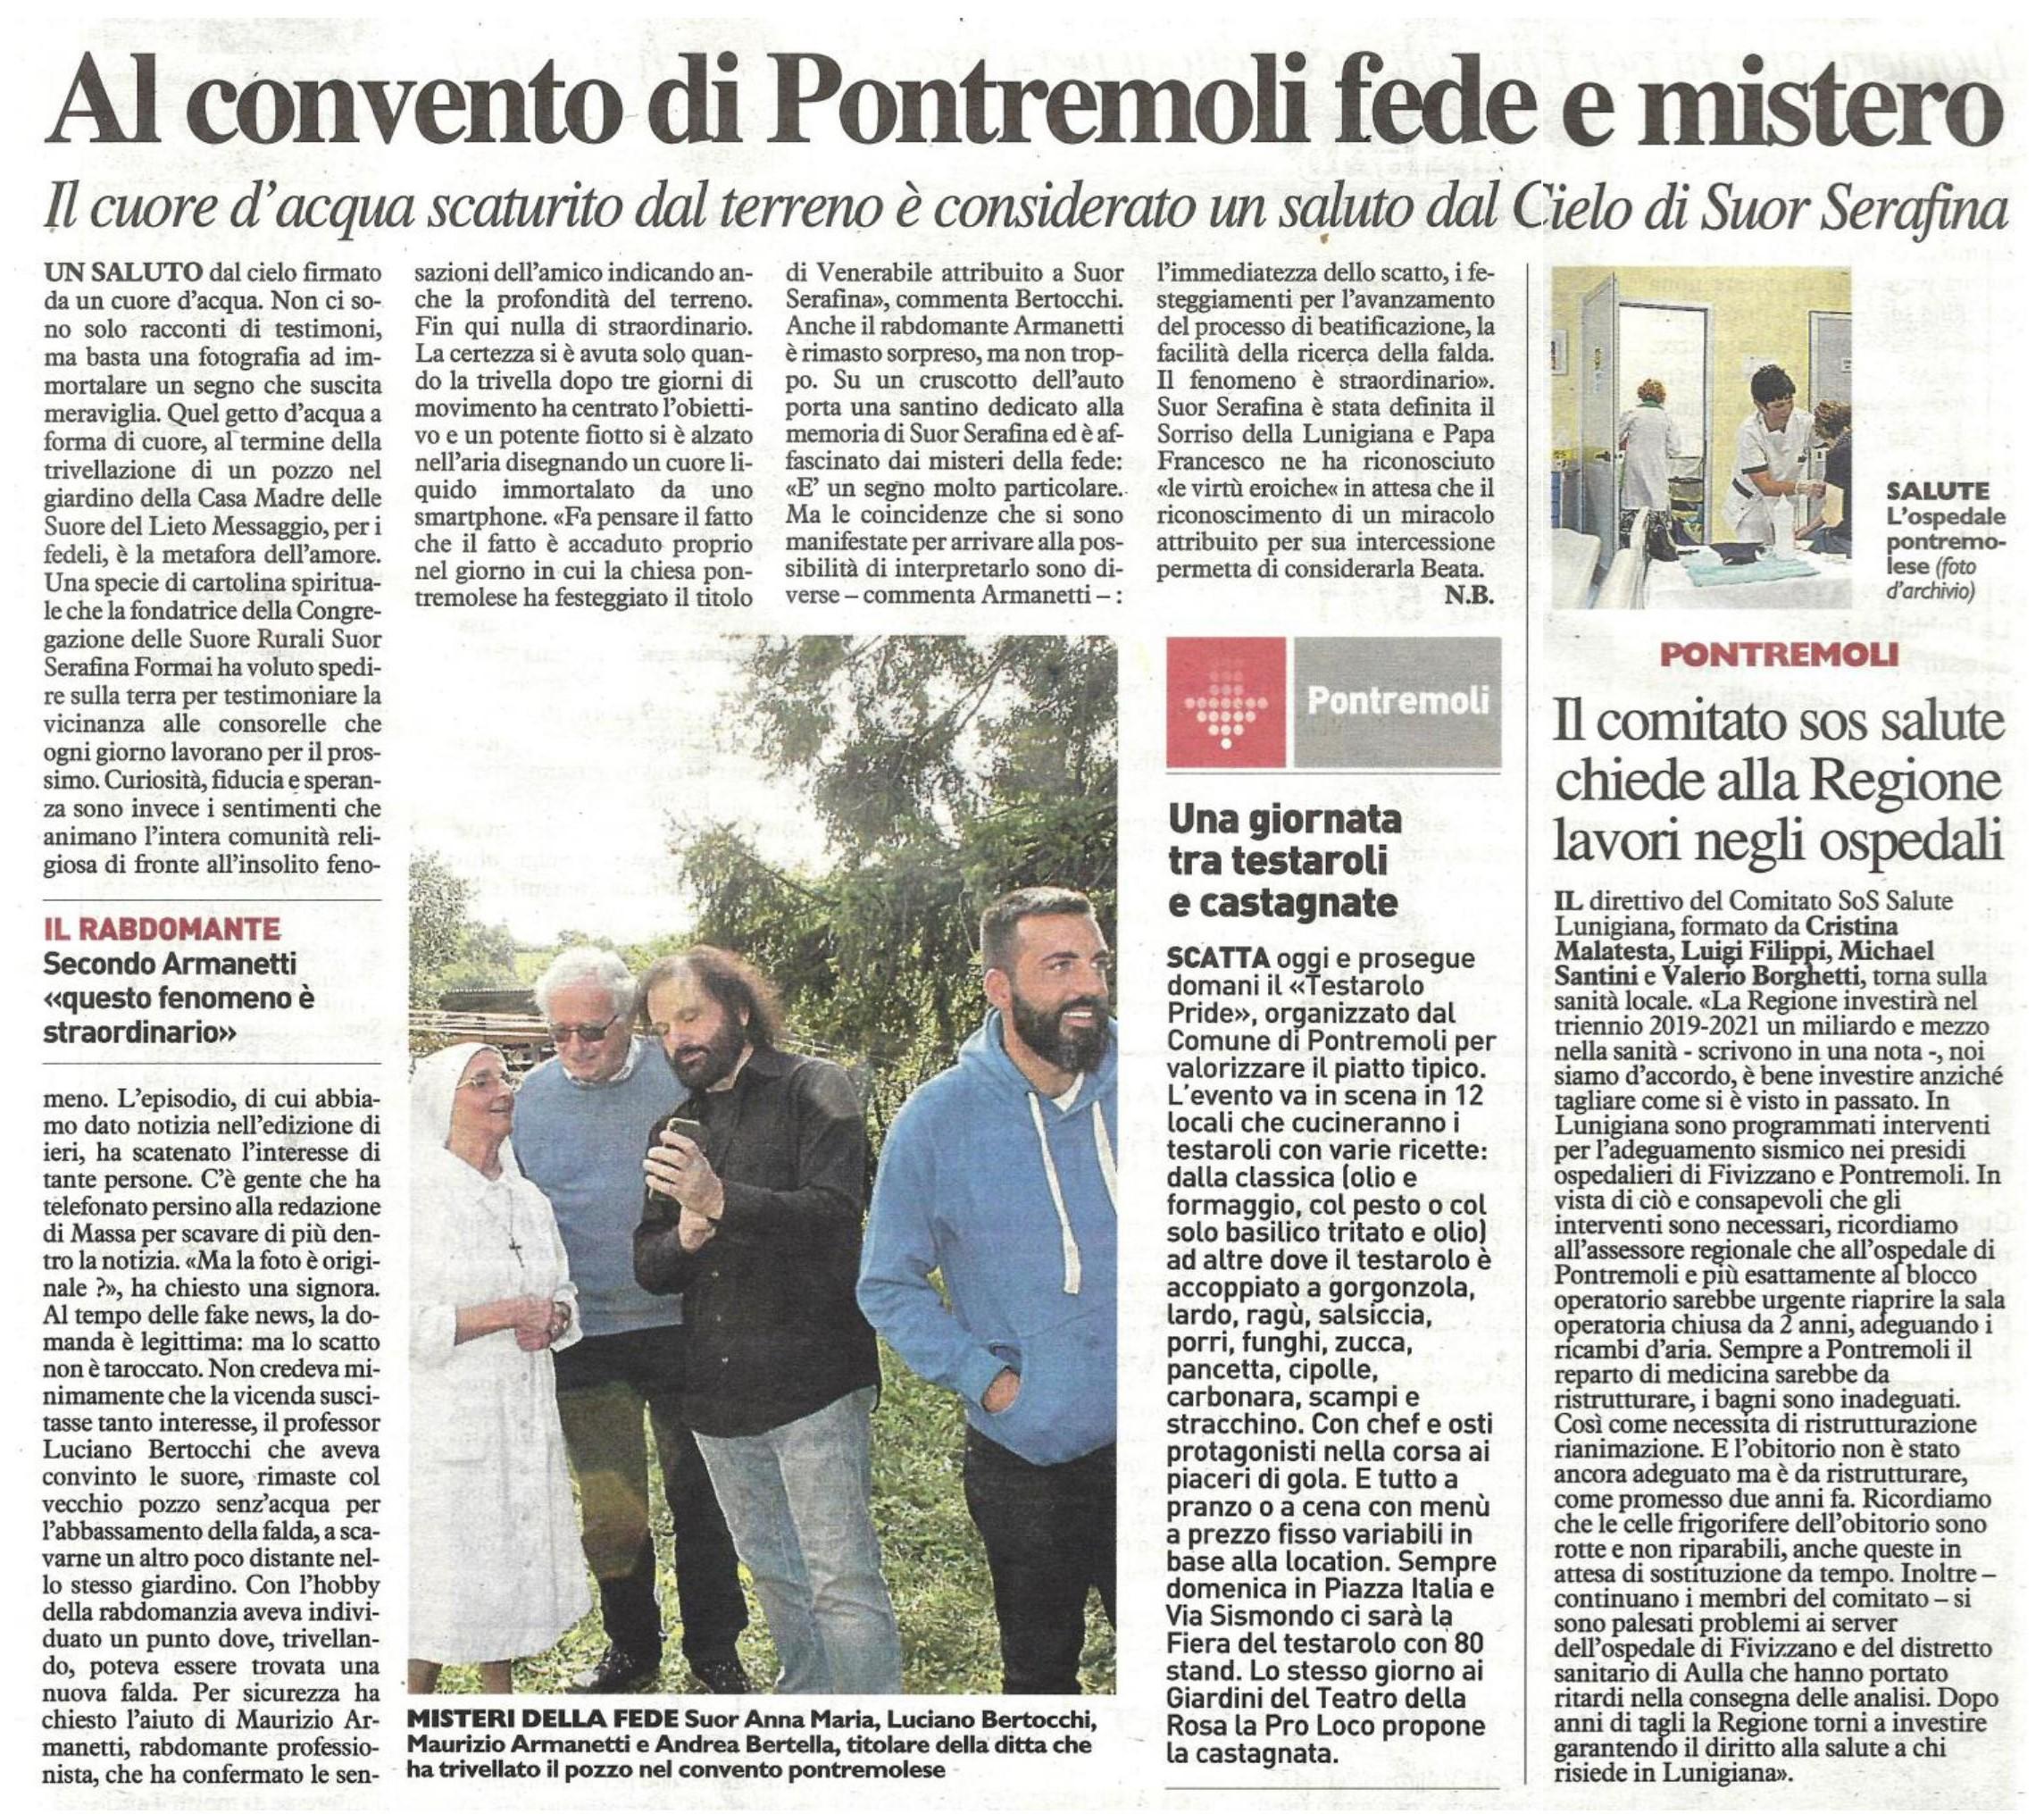 Stampa -La Nazione - Armanetti Maurizio